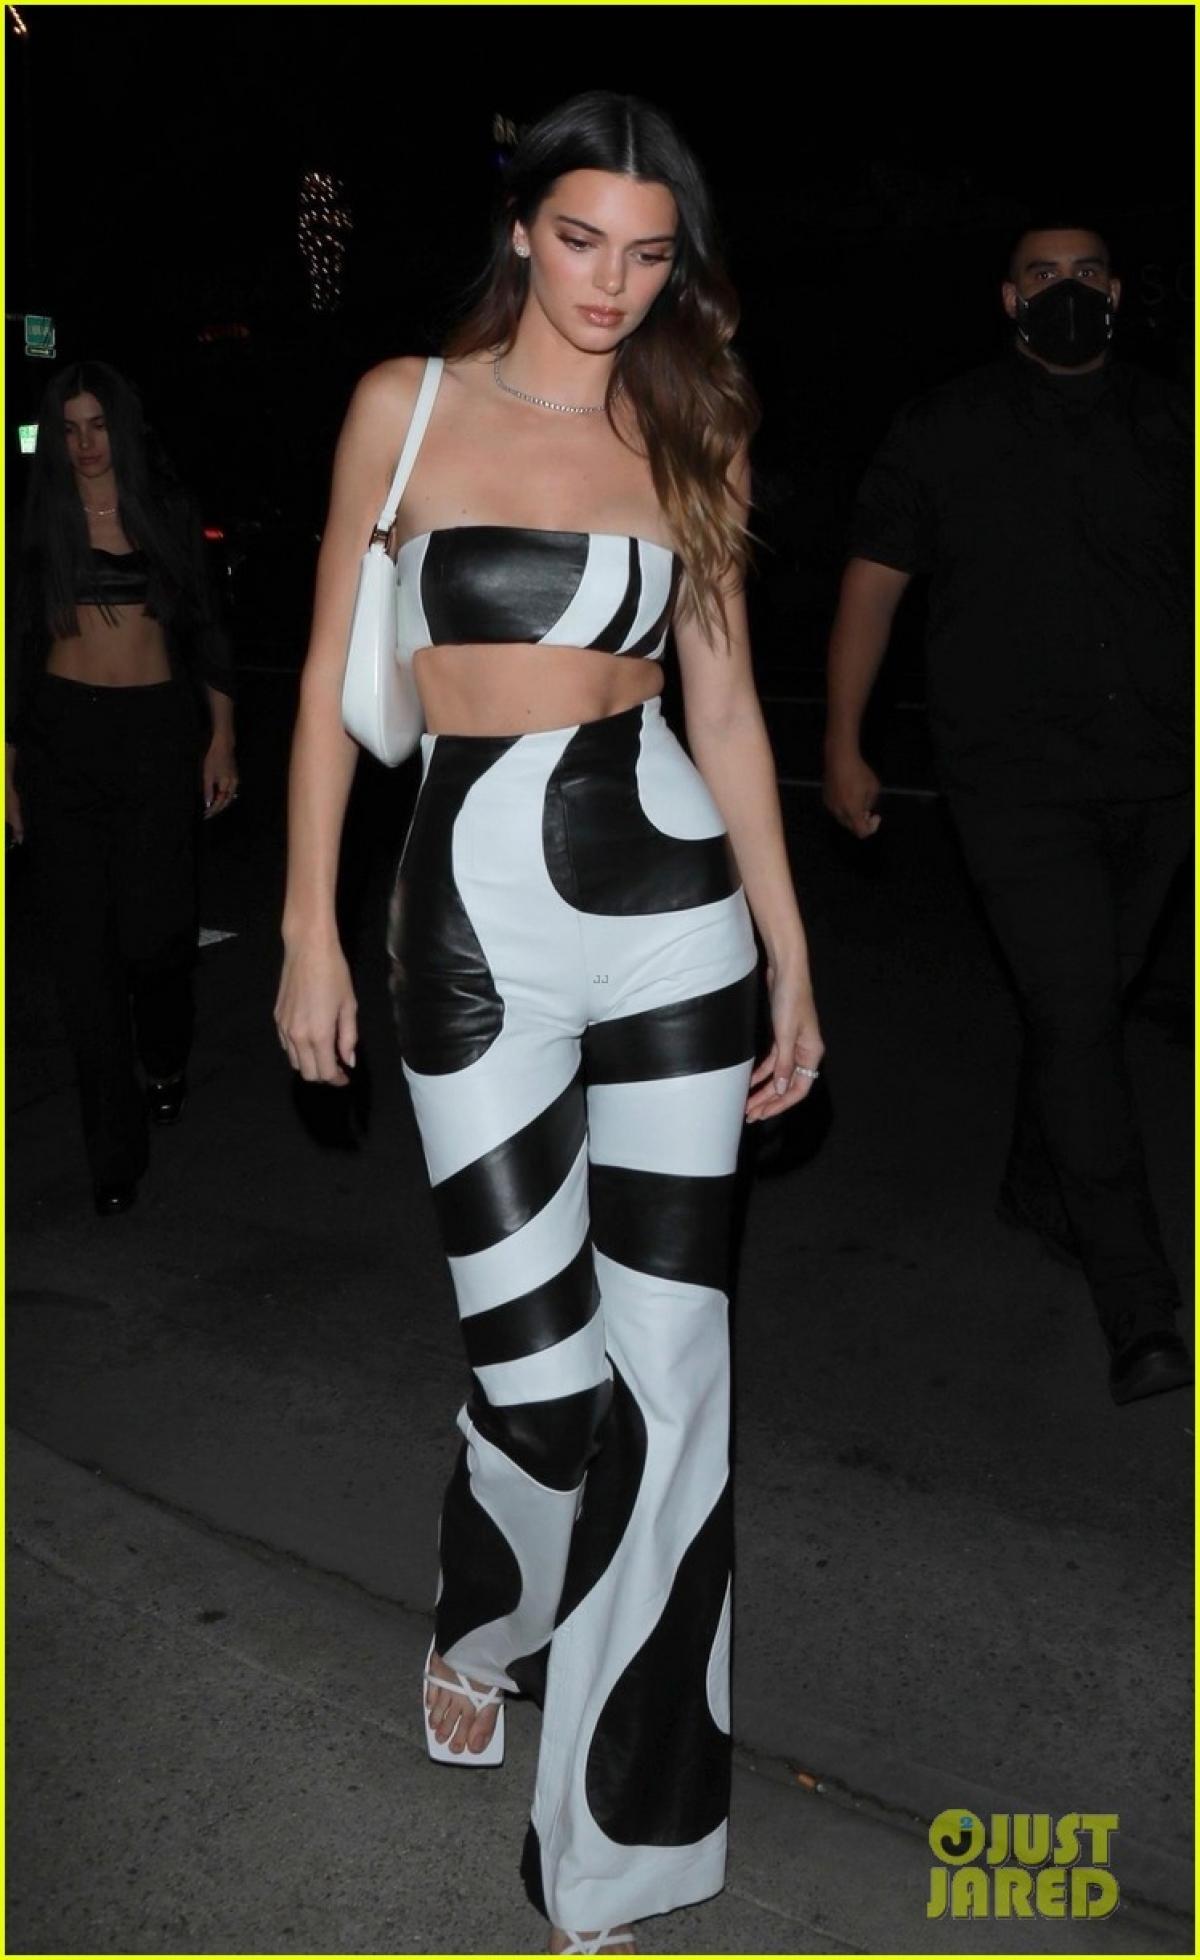 Kendall Jenner cũng không hề kém cạnh khi diện set đồ trắng - đen tinh tế, phô body cuốn hút.